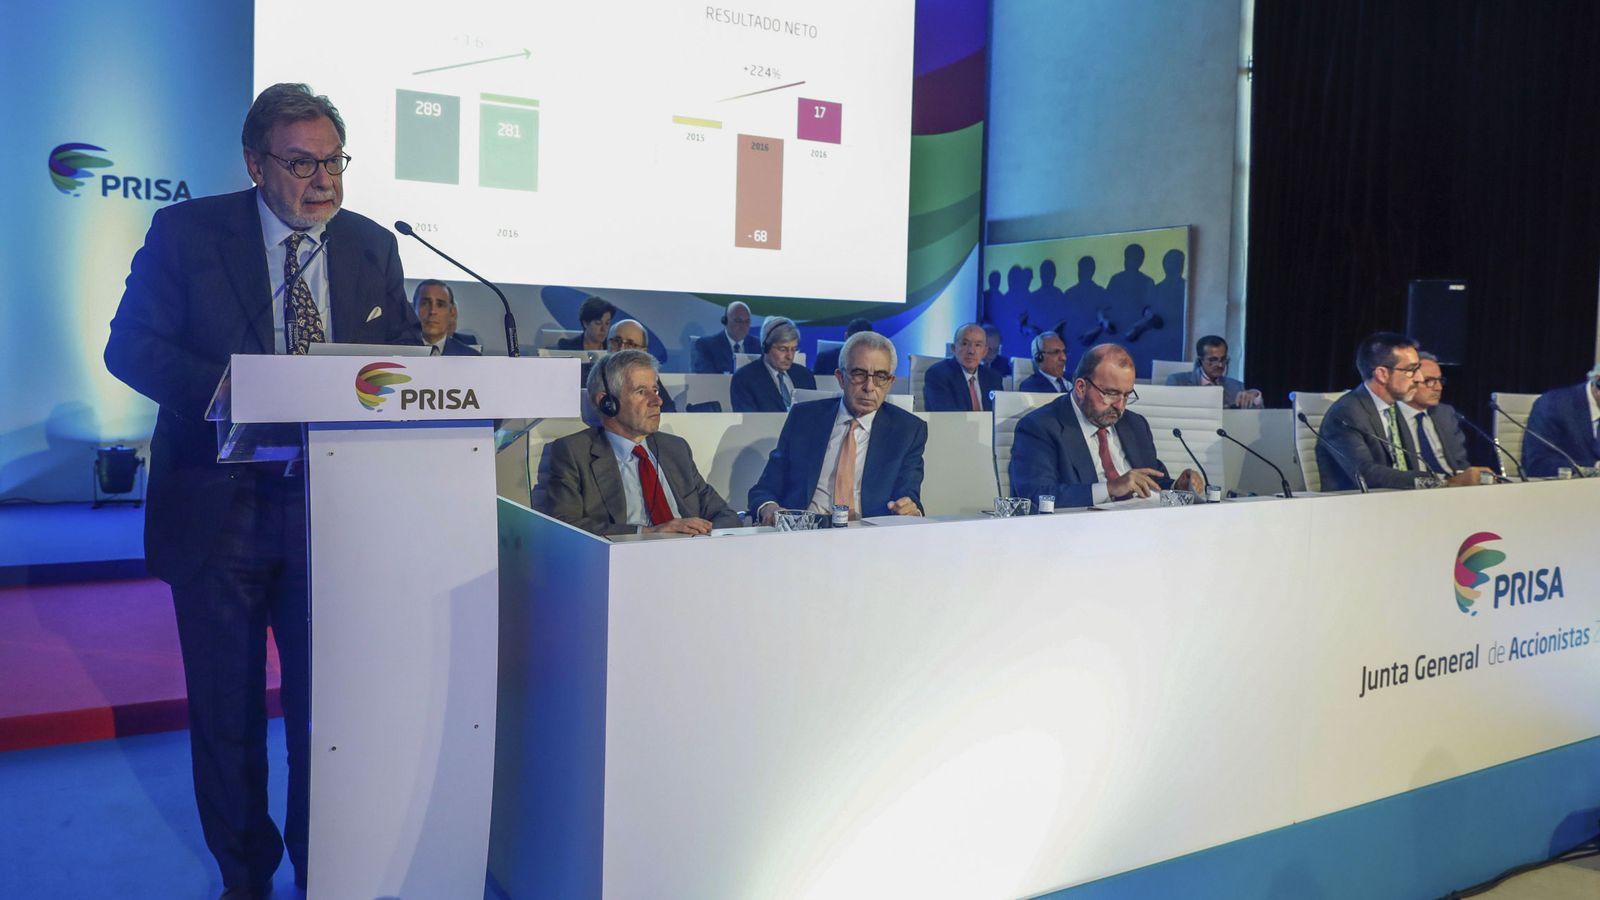 Foto: El presidente de Prisa, Juan Luis Cebrián, durante su intervención en la junta general de accionistas de la empresa en Madrid. (EFE)